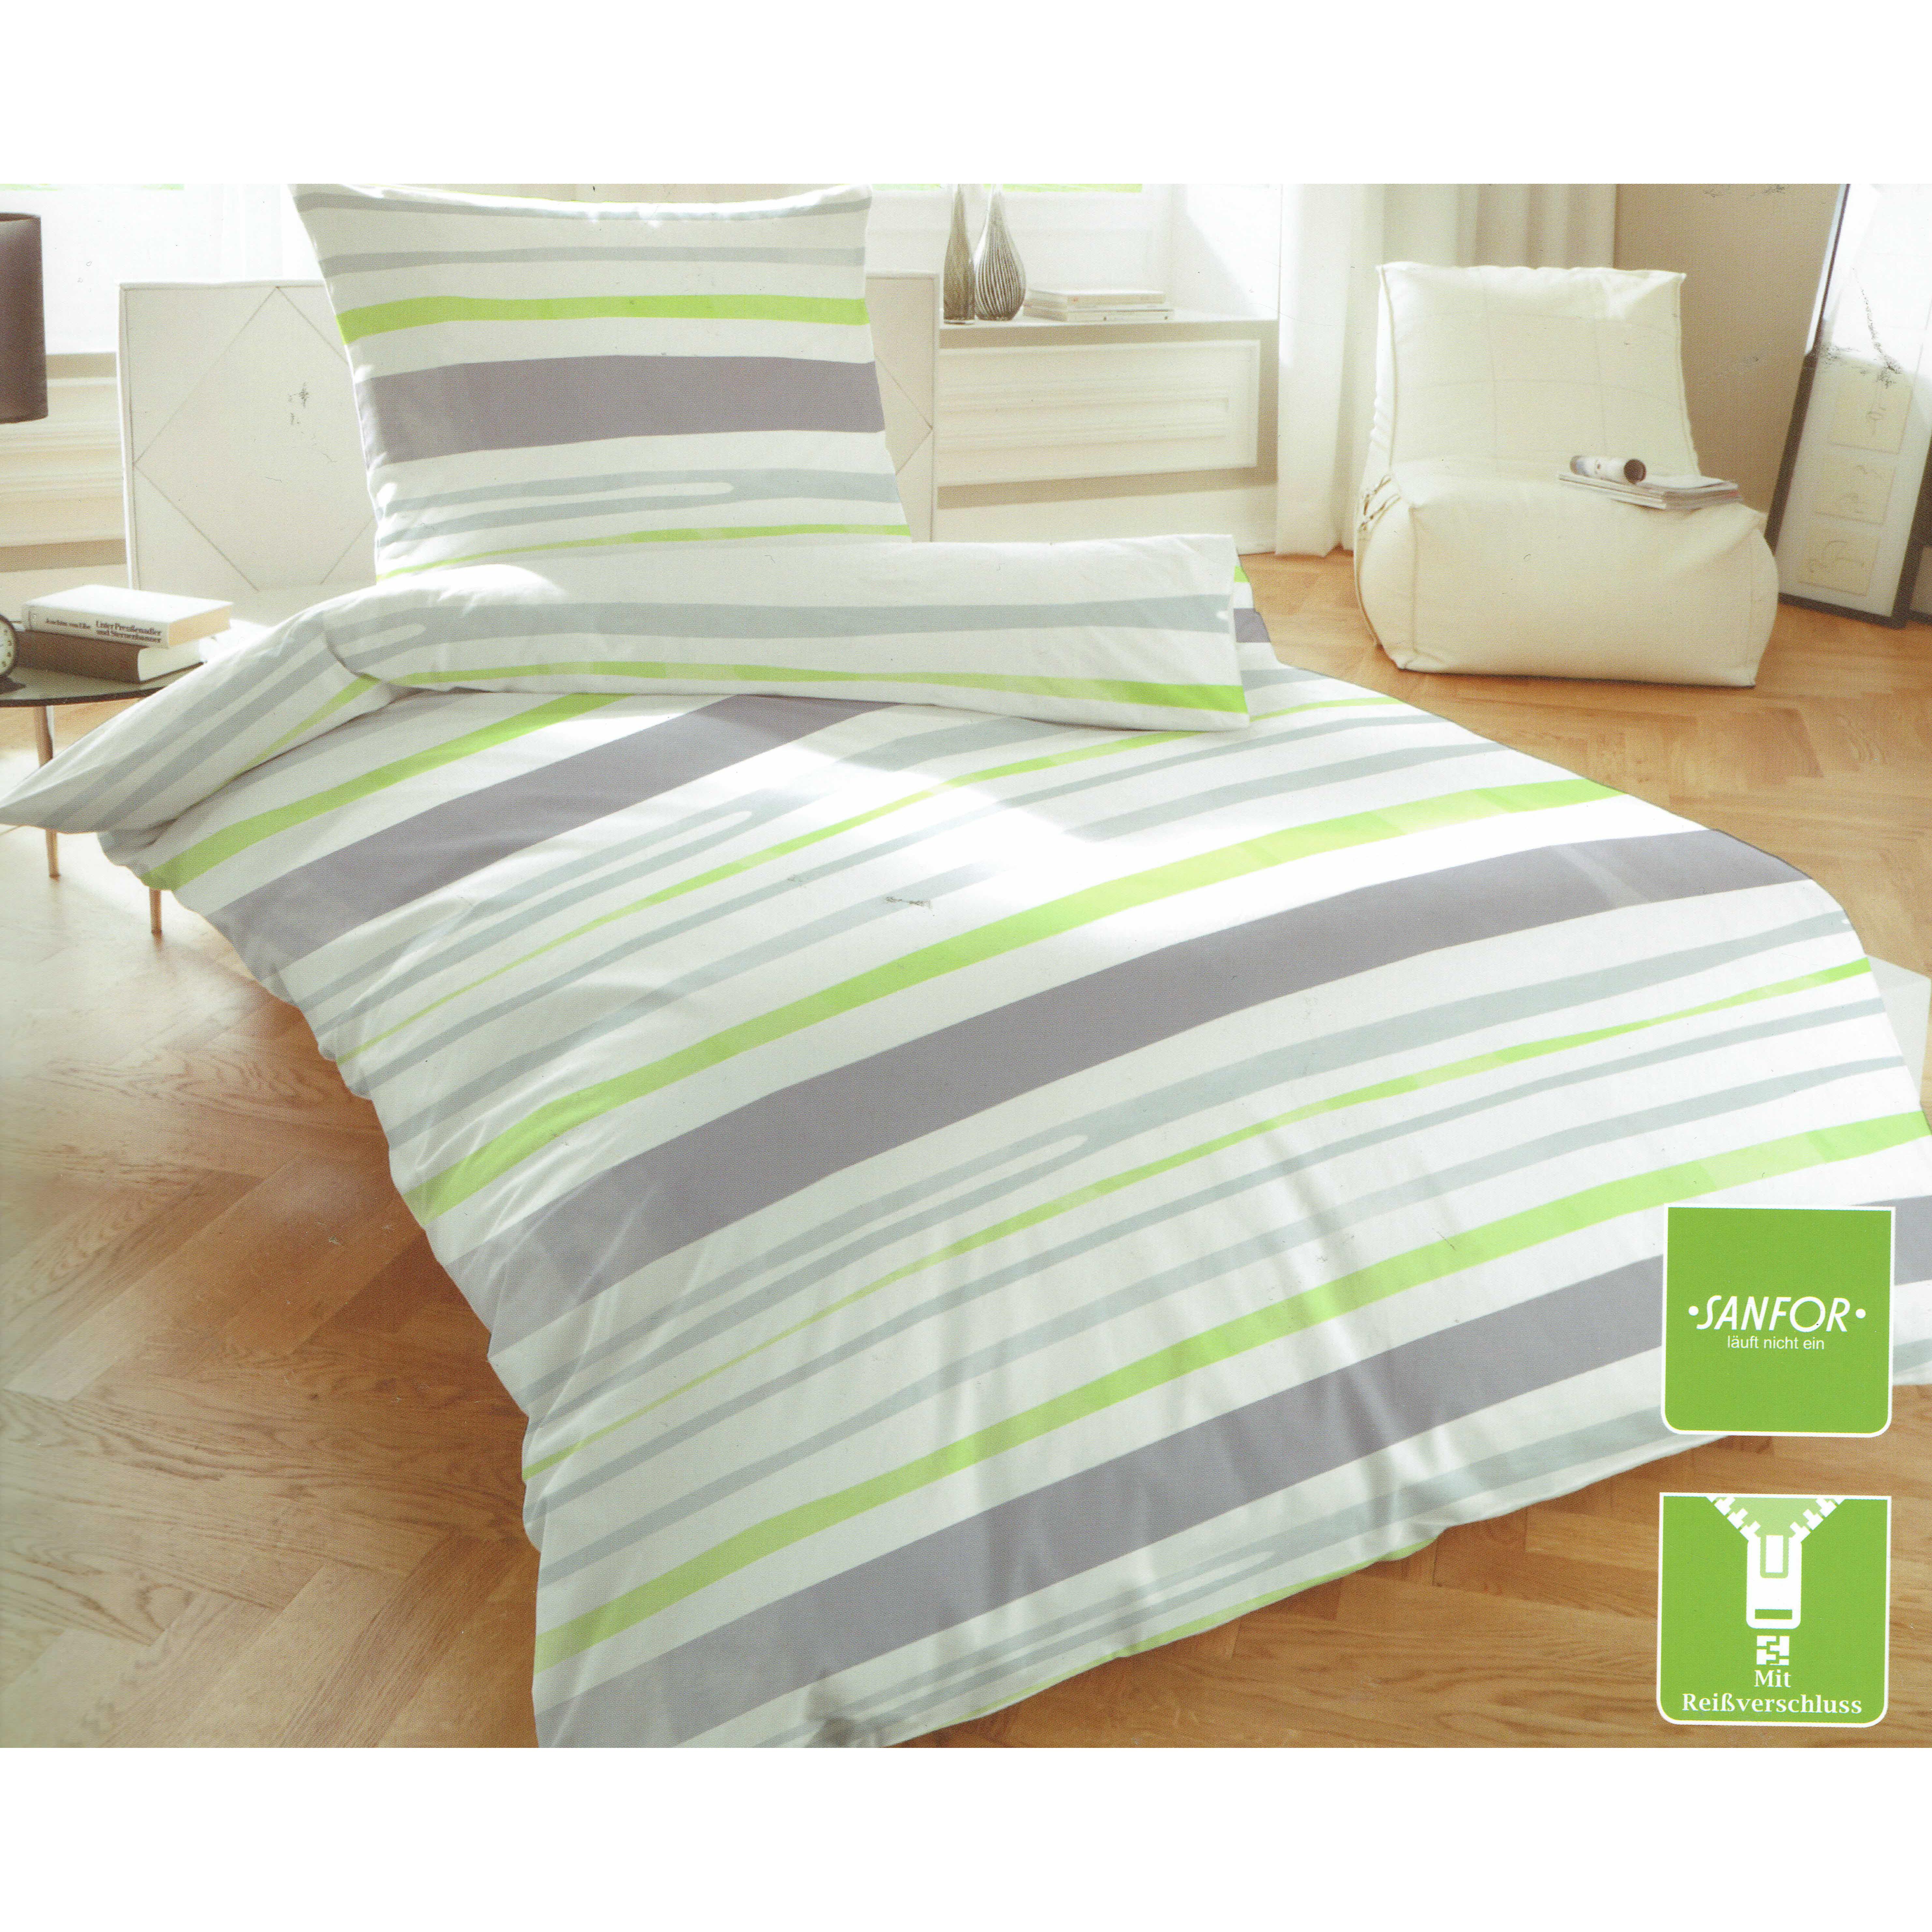 Renforce-Bettwaesche-Garnitur-100-Baumwolle-9-Modelle-135x200-155x220-Oko-Tex Indexbild 3